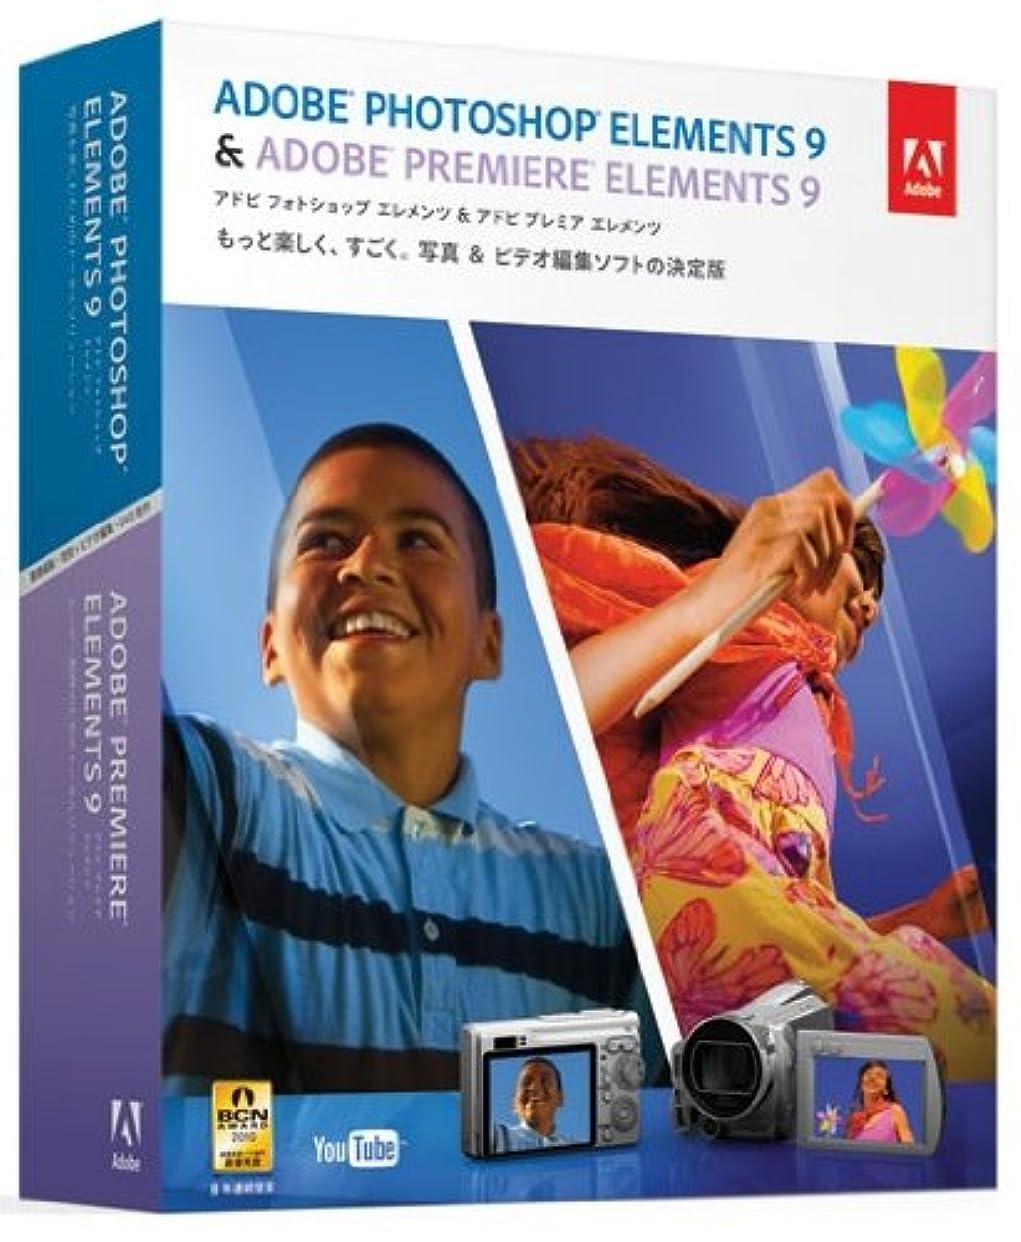 ぞっとするような鳥百科事典Adobe Photoshop Elements 9 & Adobe Premiere Elements 9 日本語版 Windows/Macintosh版 (旧価格品)